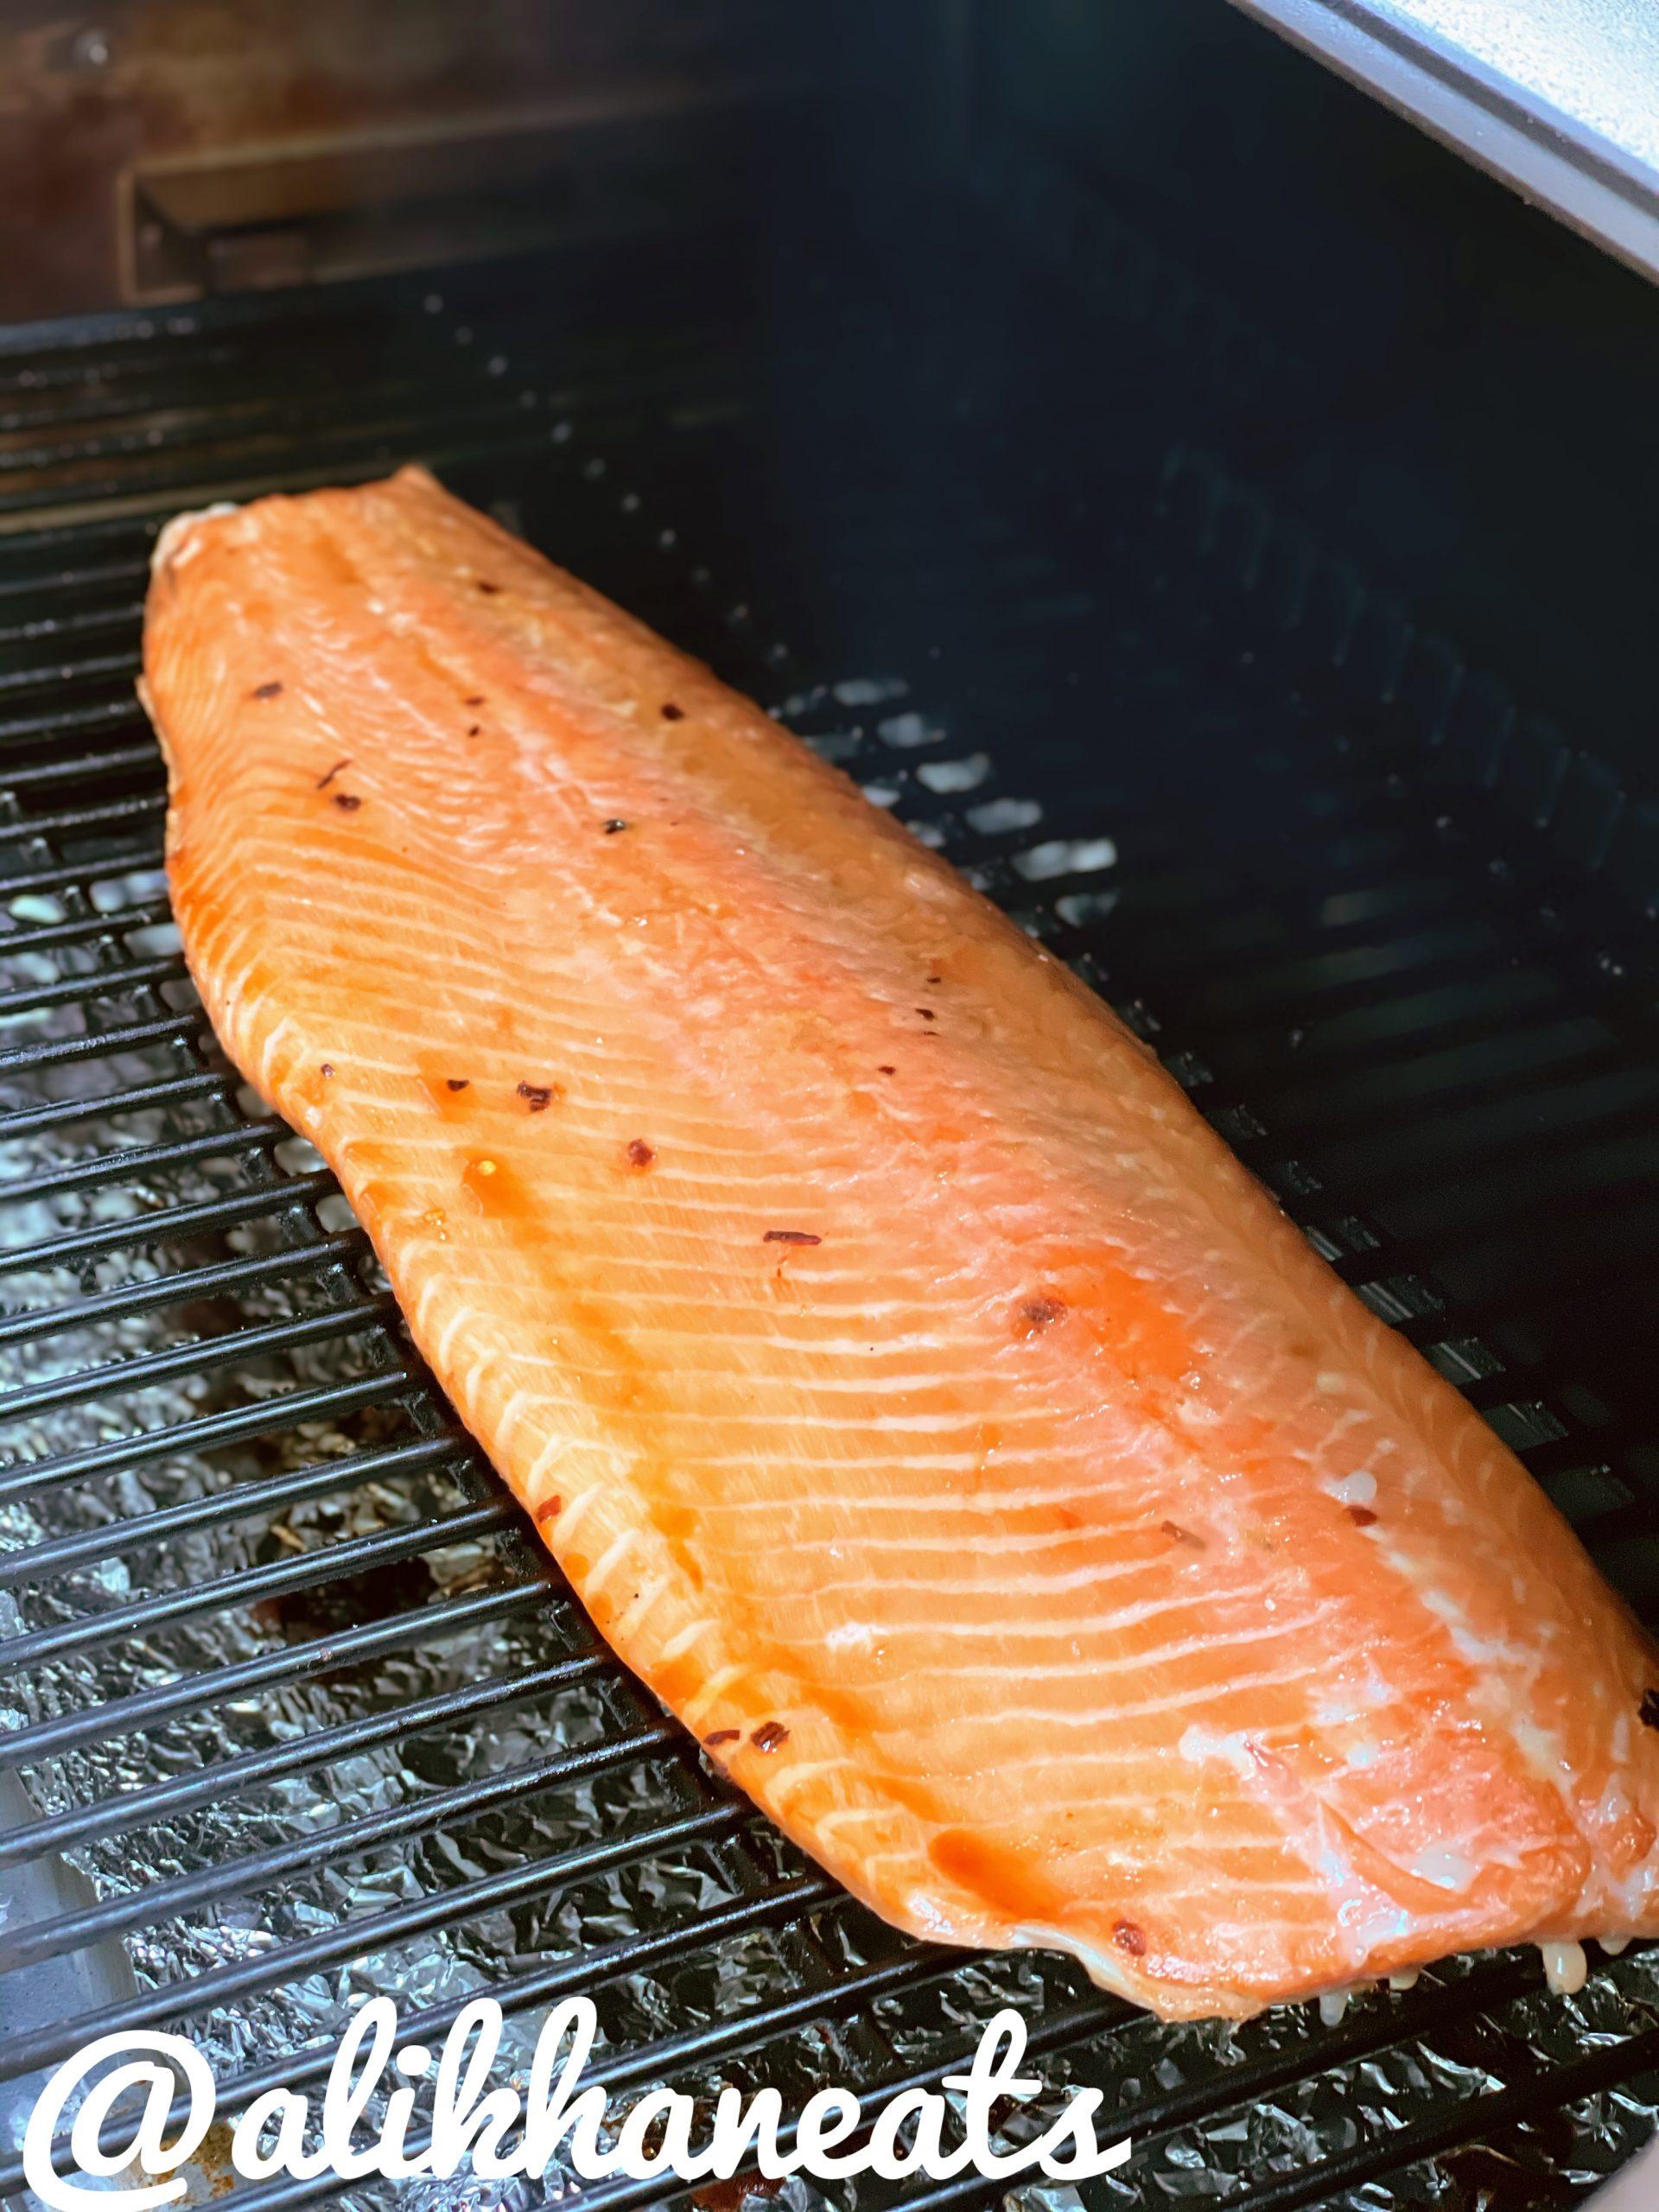 Traeger Smoked Salmon smoking stage 1